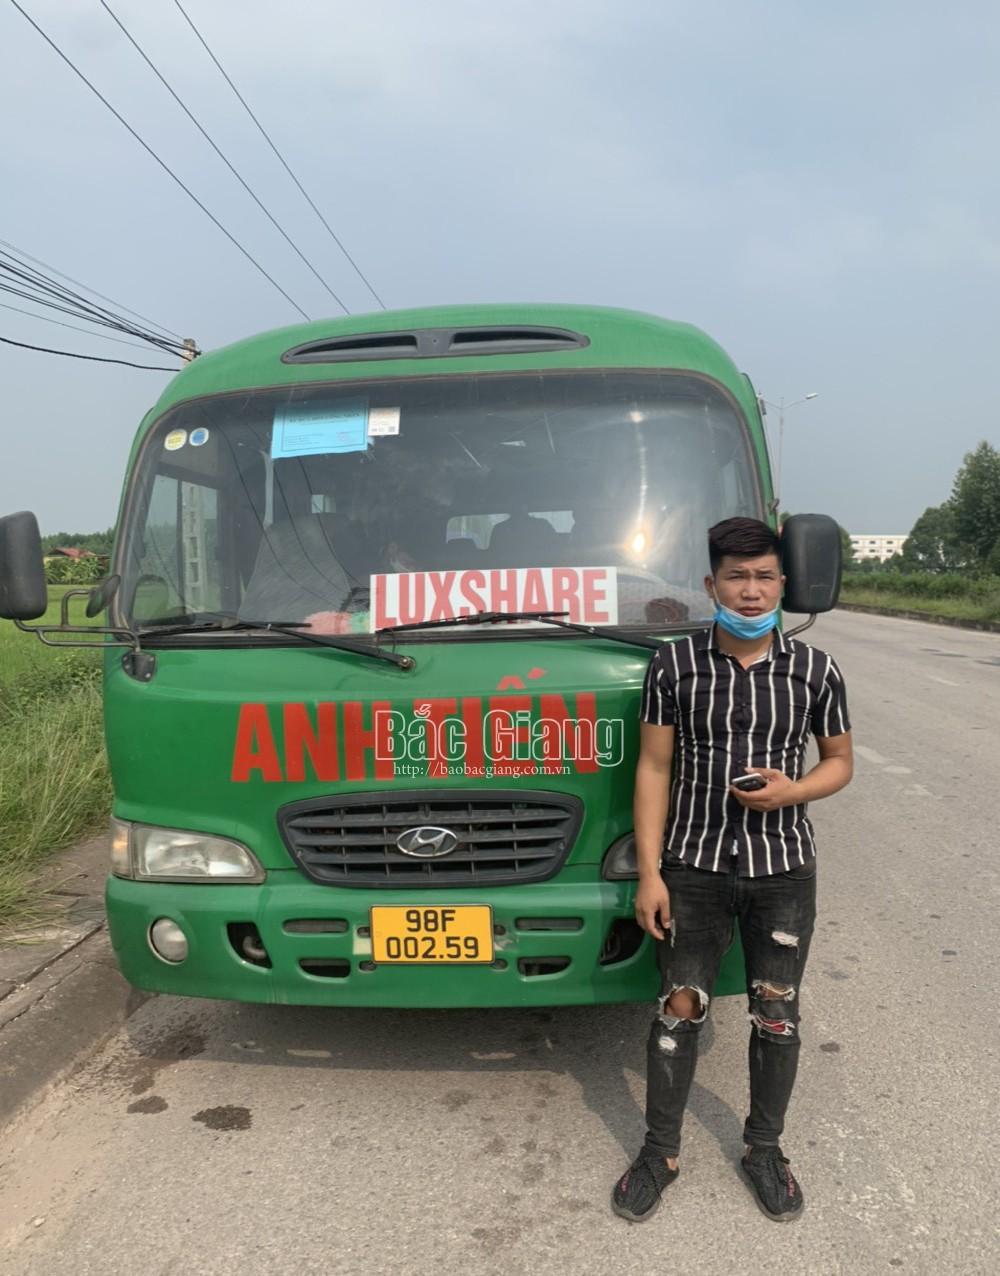 Bắc Giang, Công an Yên Dũng, Tài xế, giấy phép lái xe giả, sử dụng bằng lái giả, Xe chở công nhân